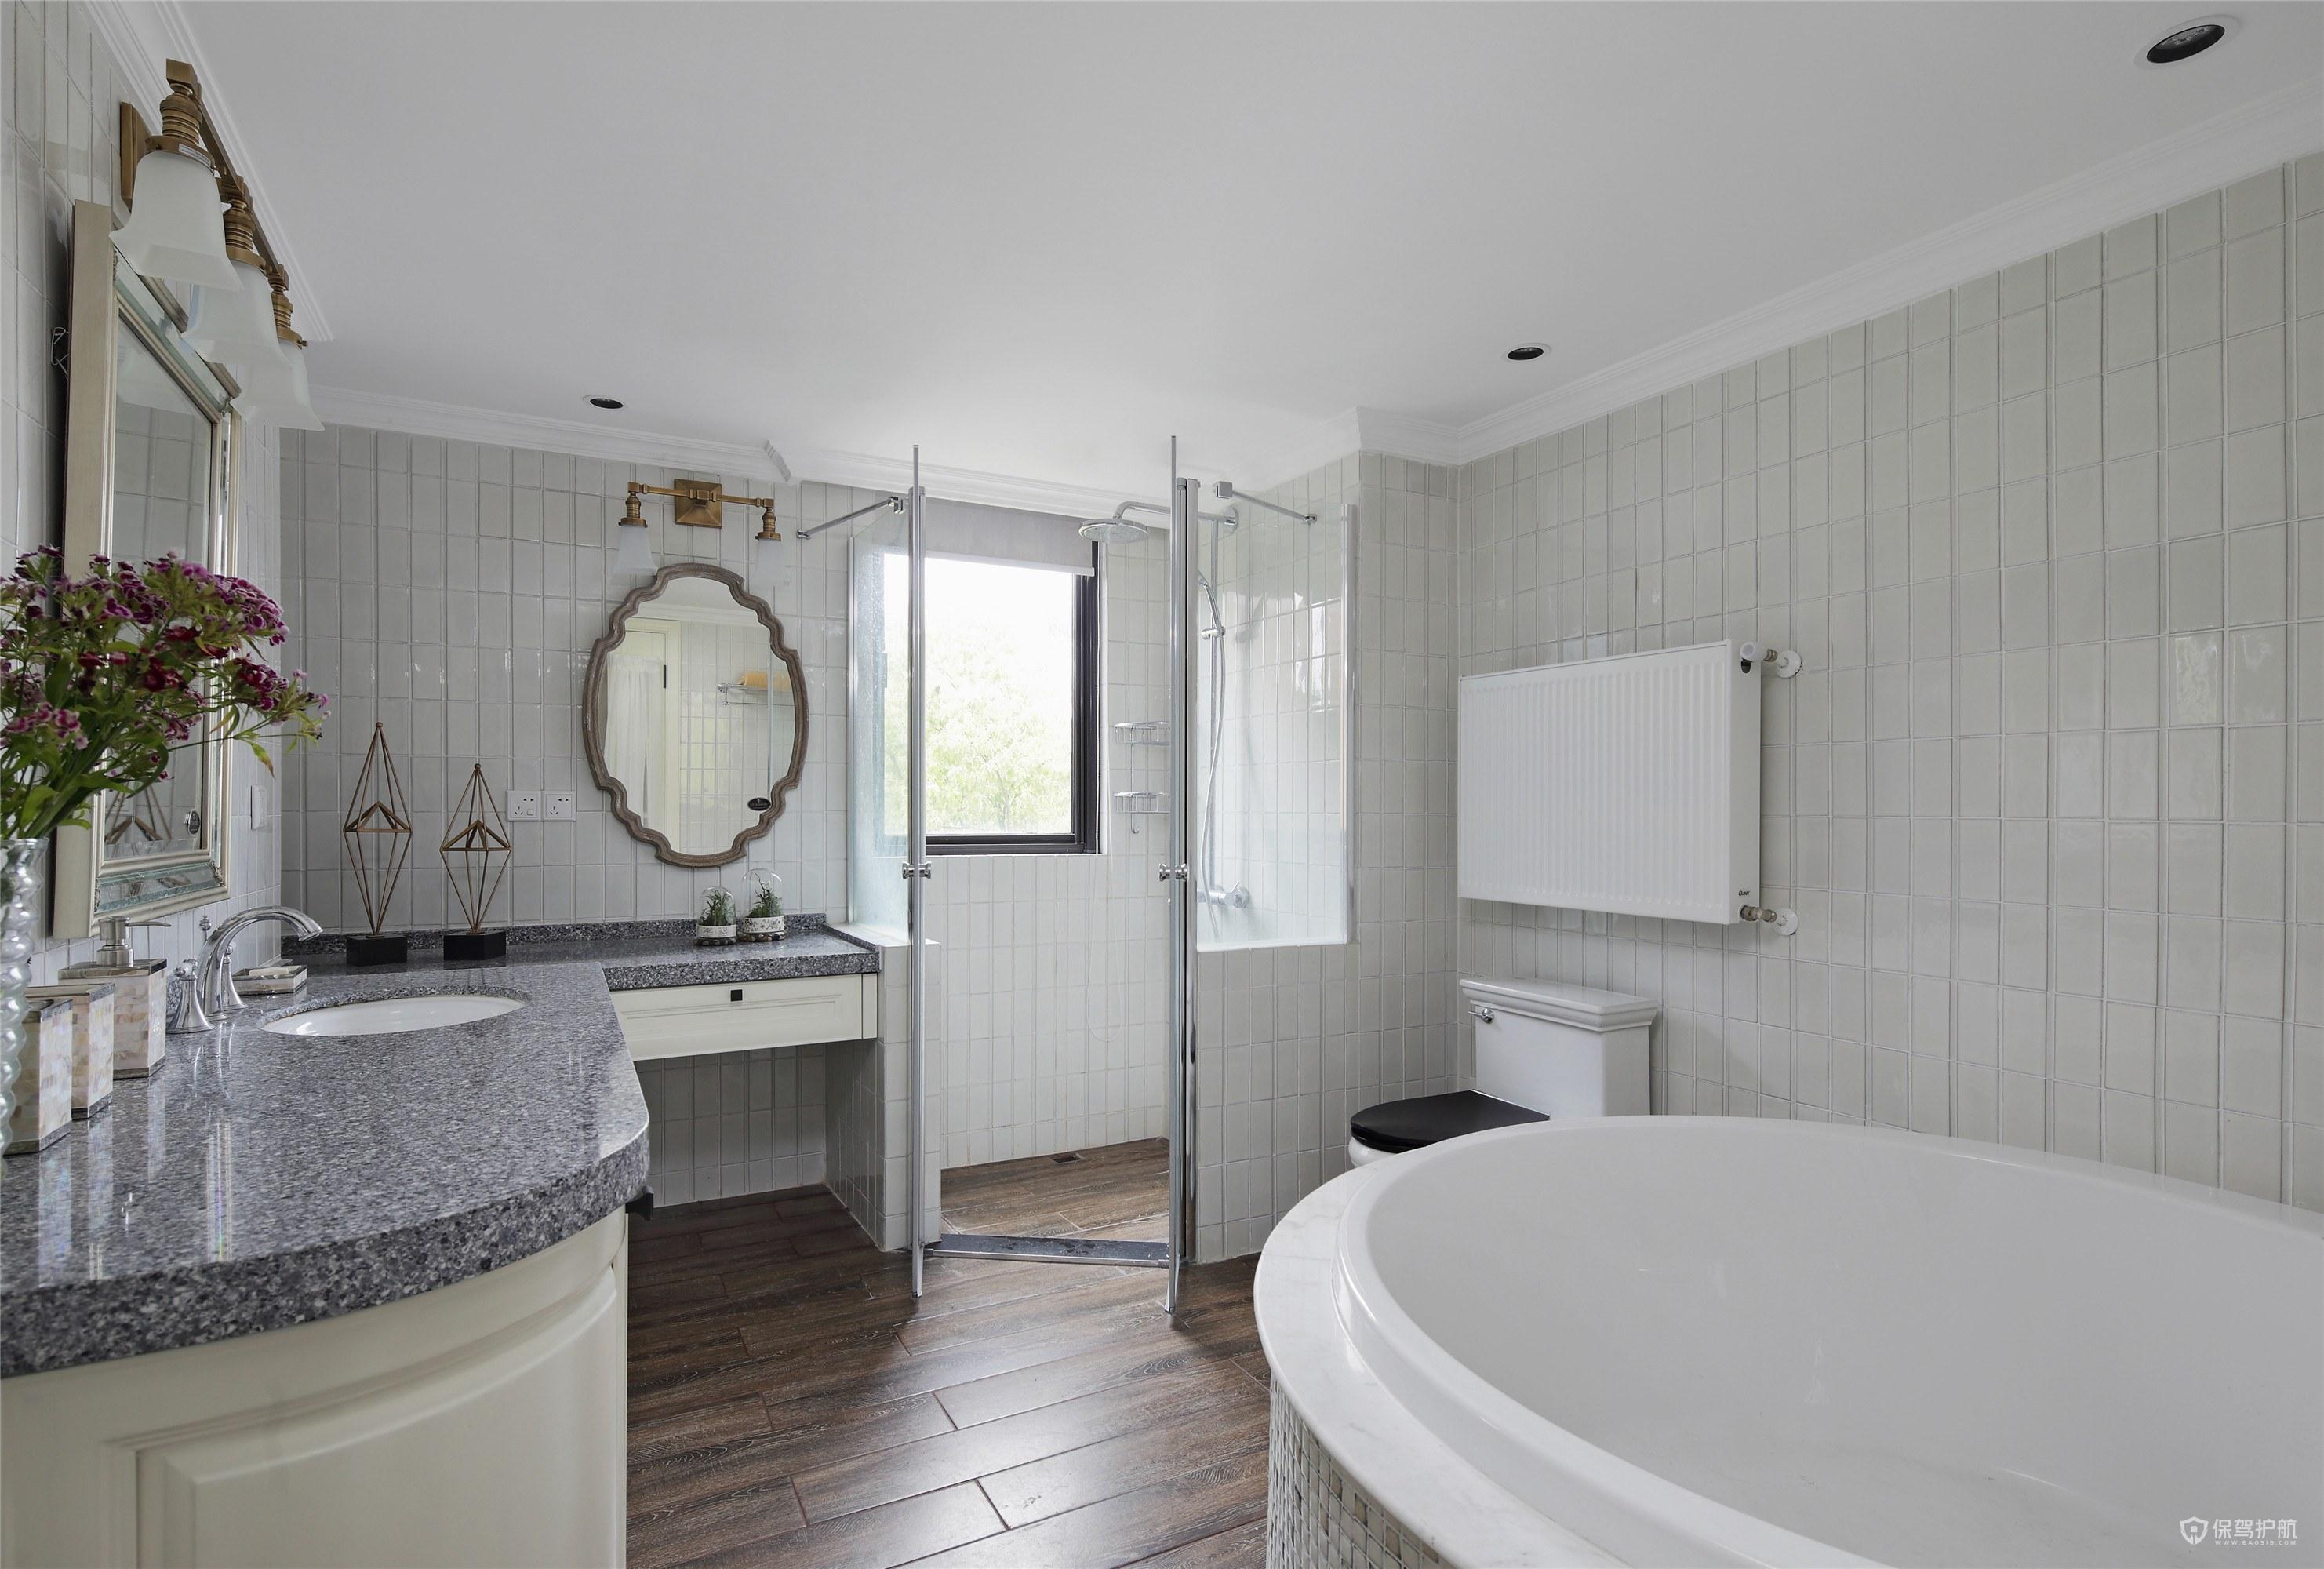 浴室防水遵循规范有哪些?卫浴间墙壁防水做多高多厚?